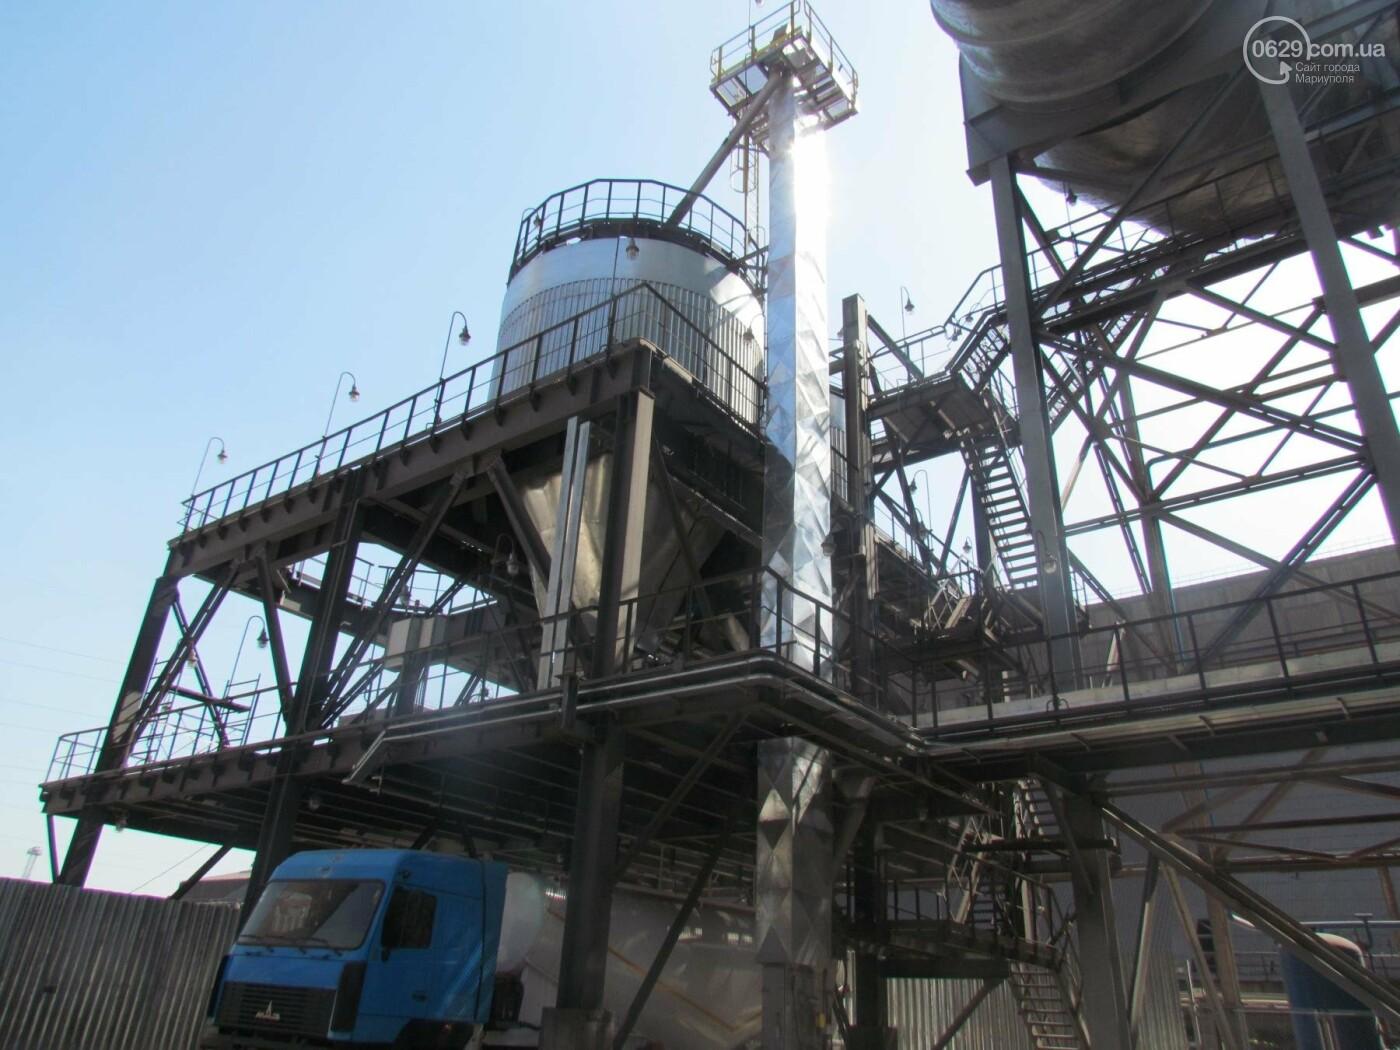 «Метинвест» запустил первый комплекс газоочистки аглофабрики, заявив о сокращении выбросов на треть (ФОТОРЕПОРТАЖ), фото-10